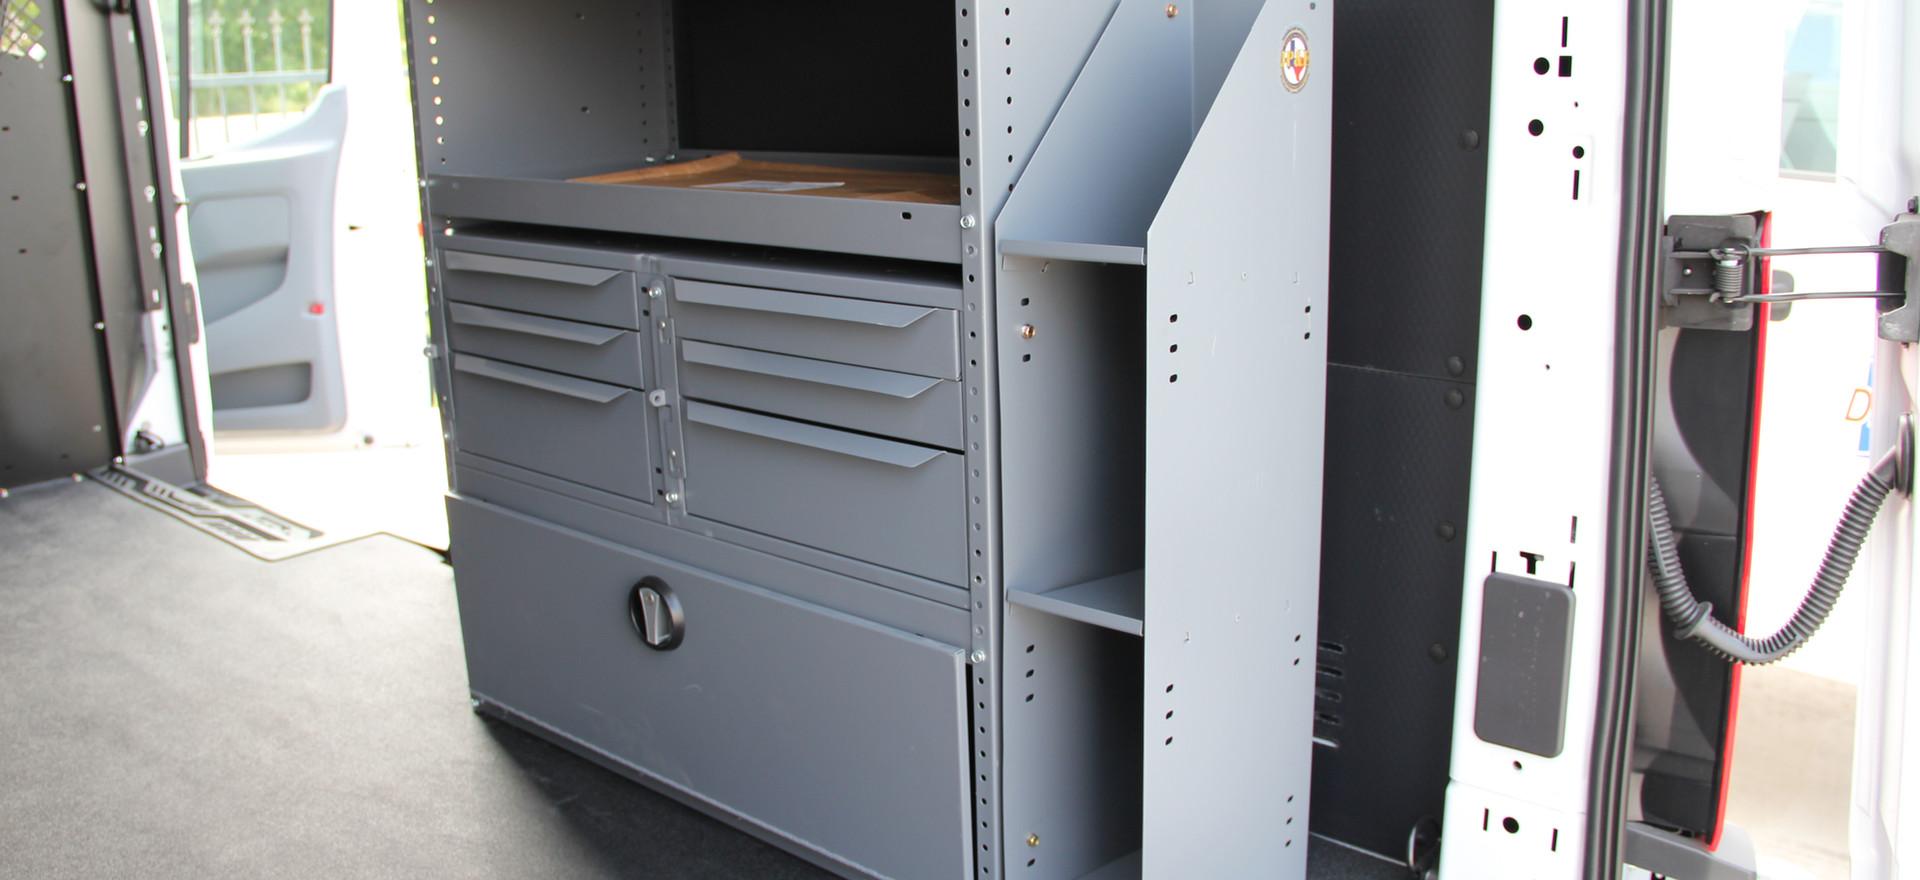 van shelving 3 drawer and manual rack.JP